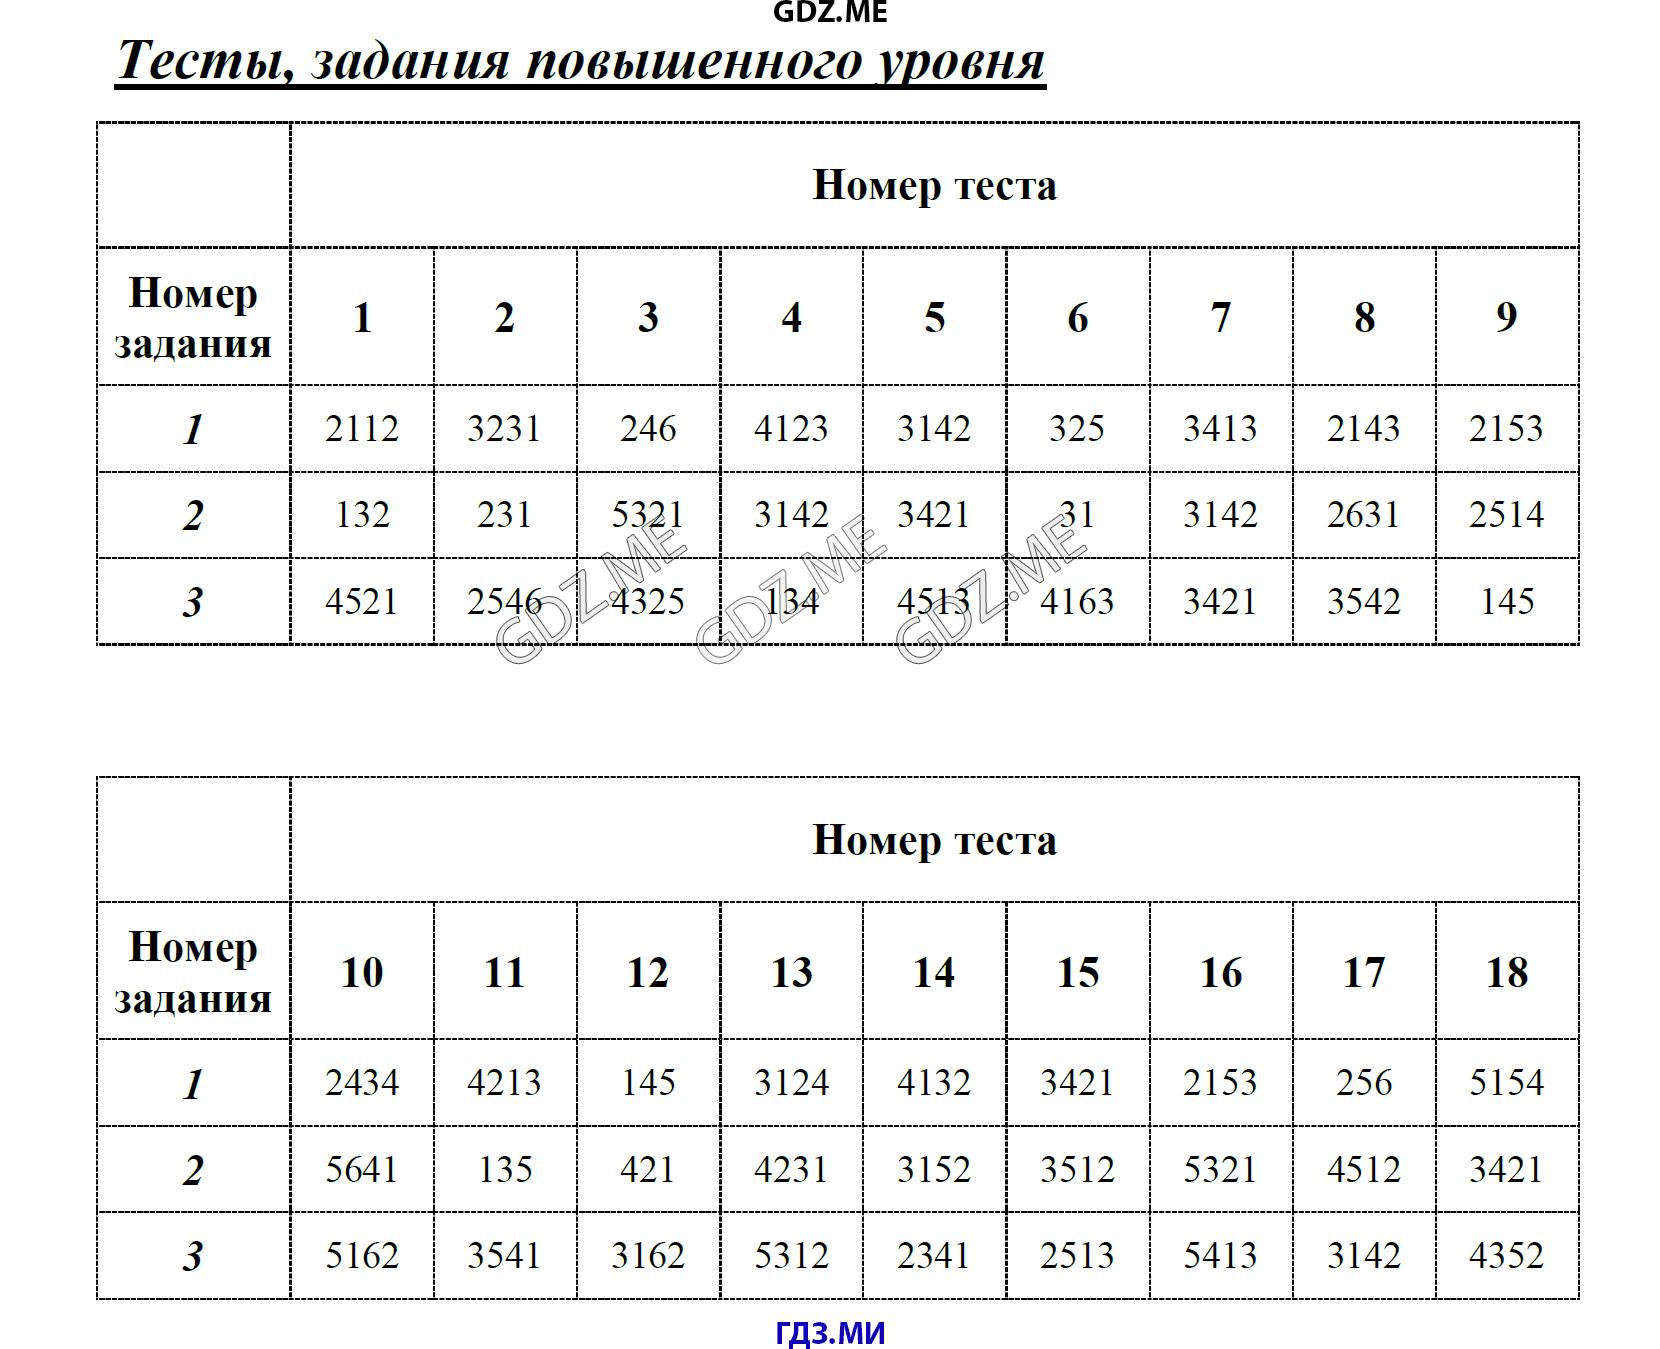 ГДЗ по химии класс Рябов тесты Неметаллы решебник Неметаллы Тесты задания базового уровня